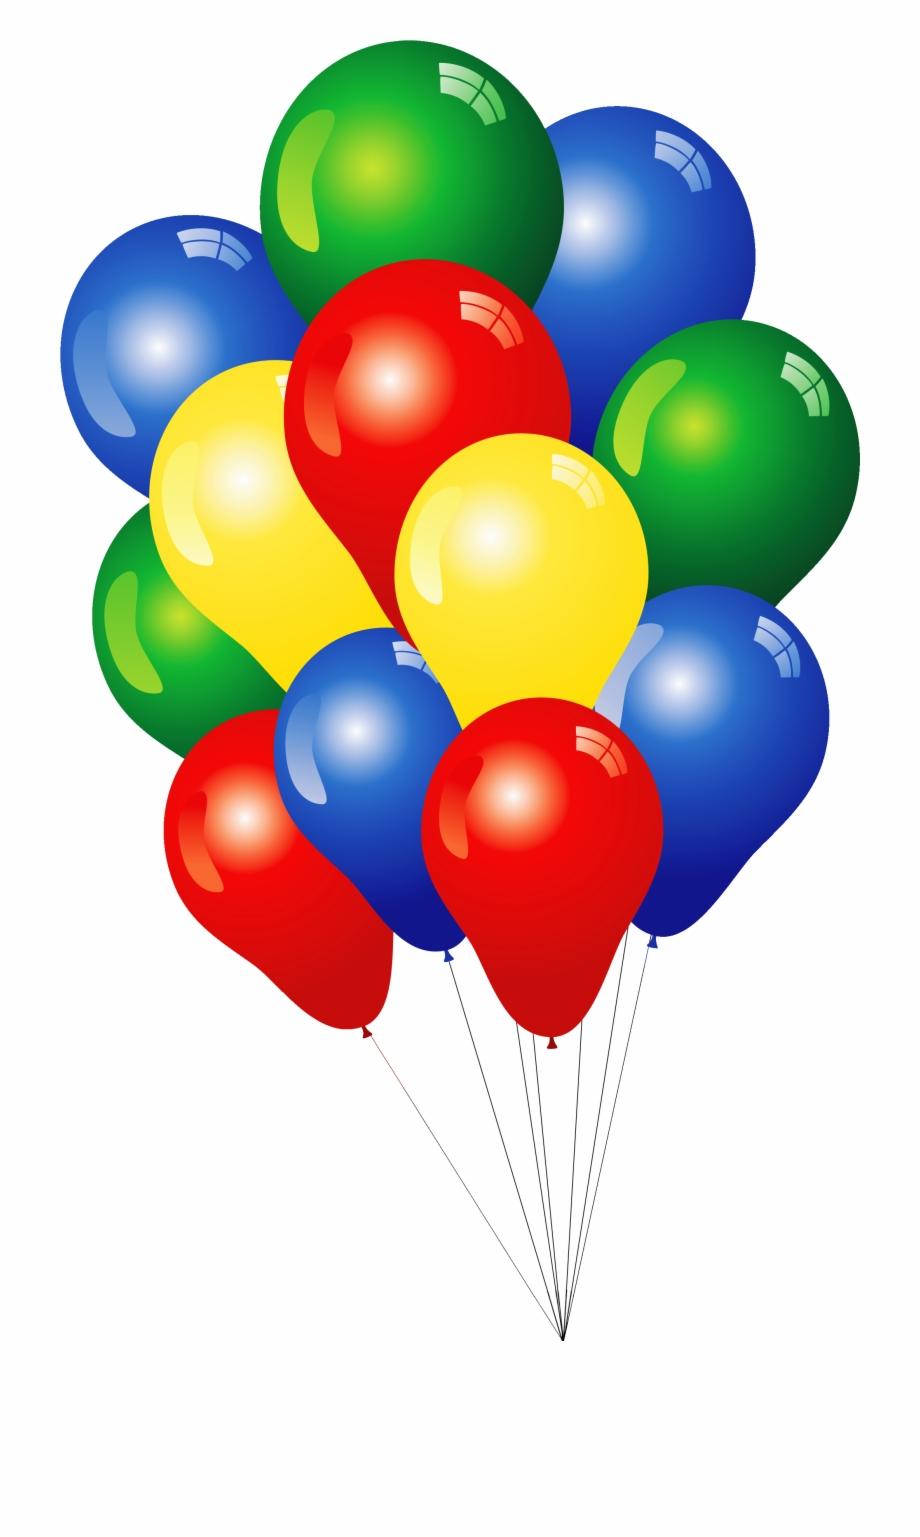 Balloon clipart ballon. Ballons balloons party png